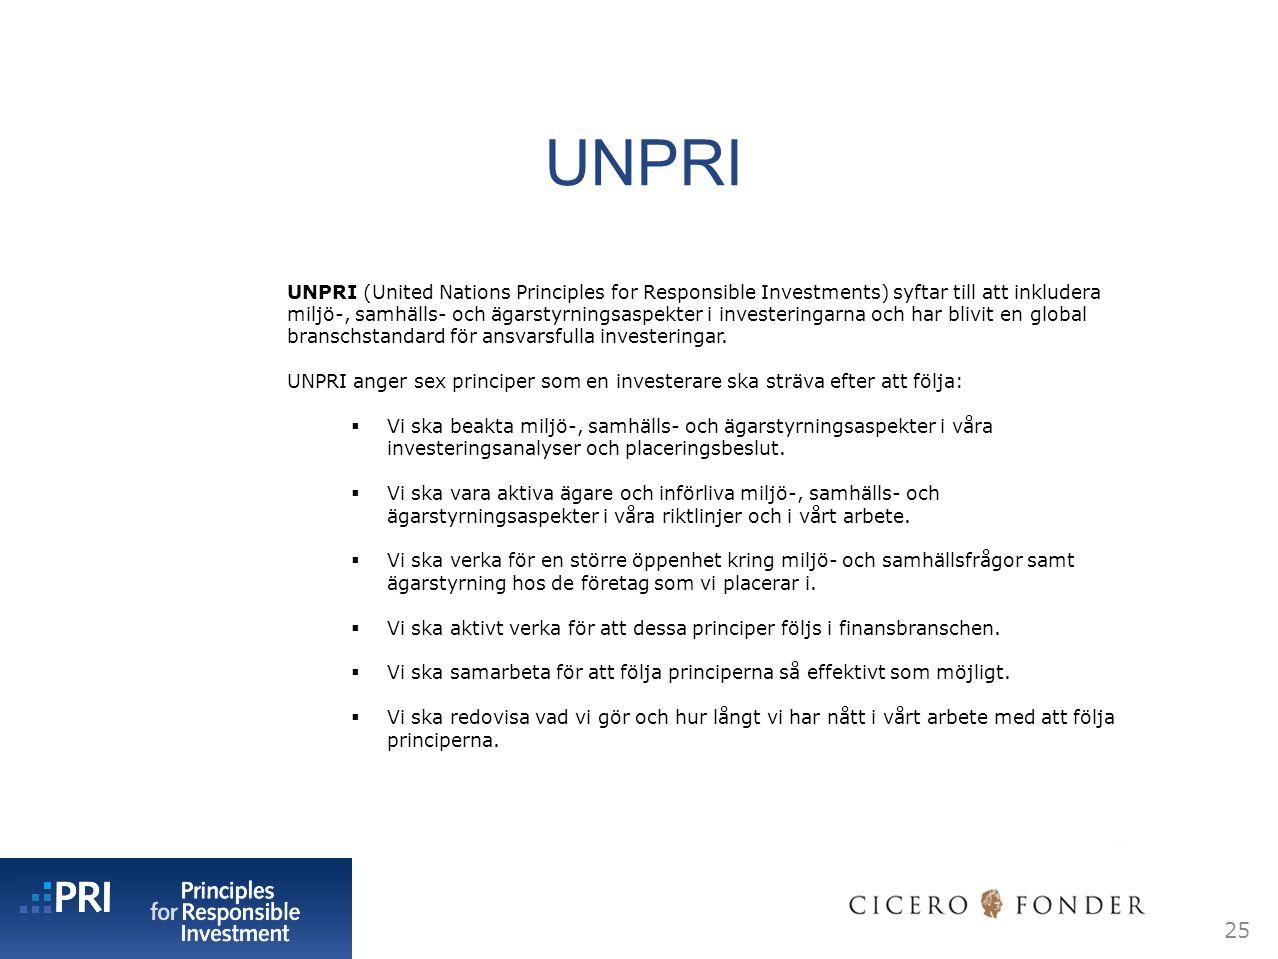 UNPRI 25 UNPRI (United Nations Principles for Responsible Investments) syftar till att inkludera miljö-, samhälls- och ägarstyrningsaspekter i investeringarna och har blivit en global branschstandard för ansvarsfulla investeringar.